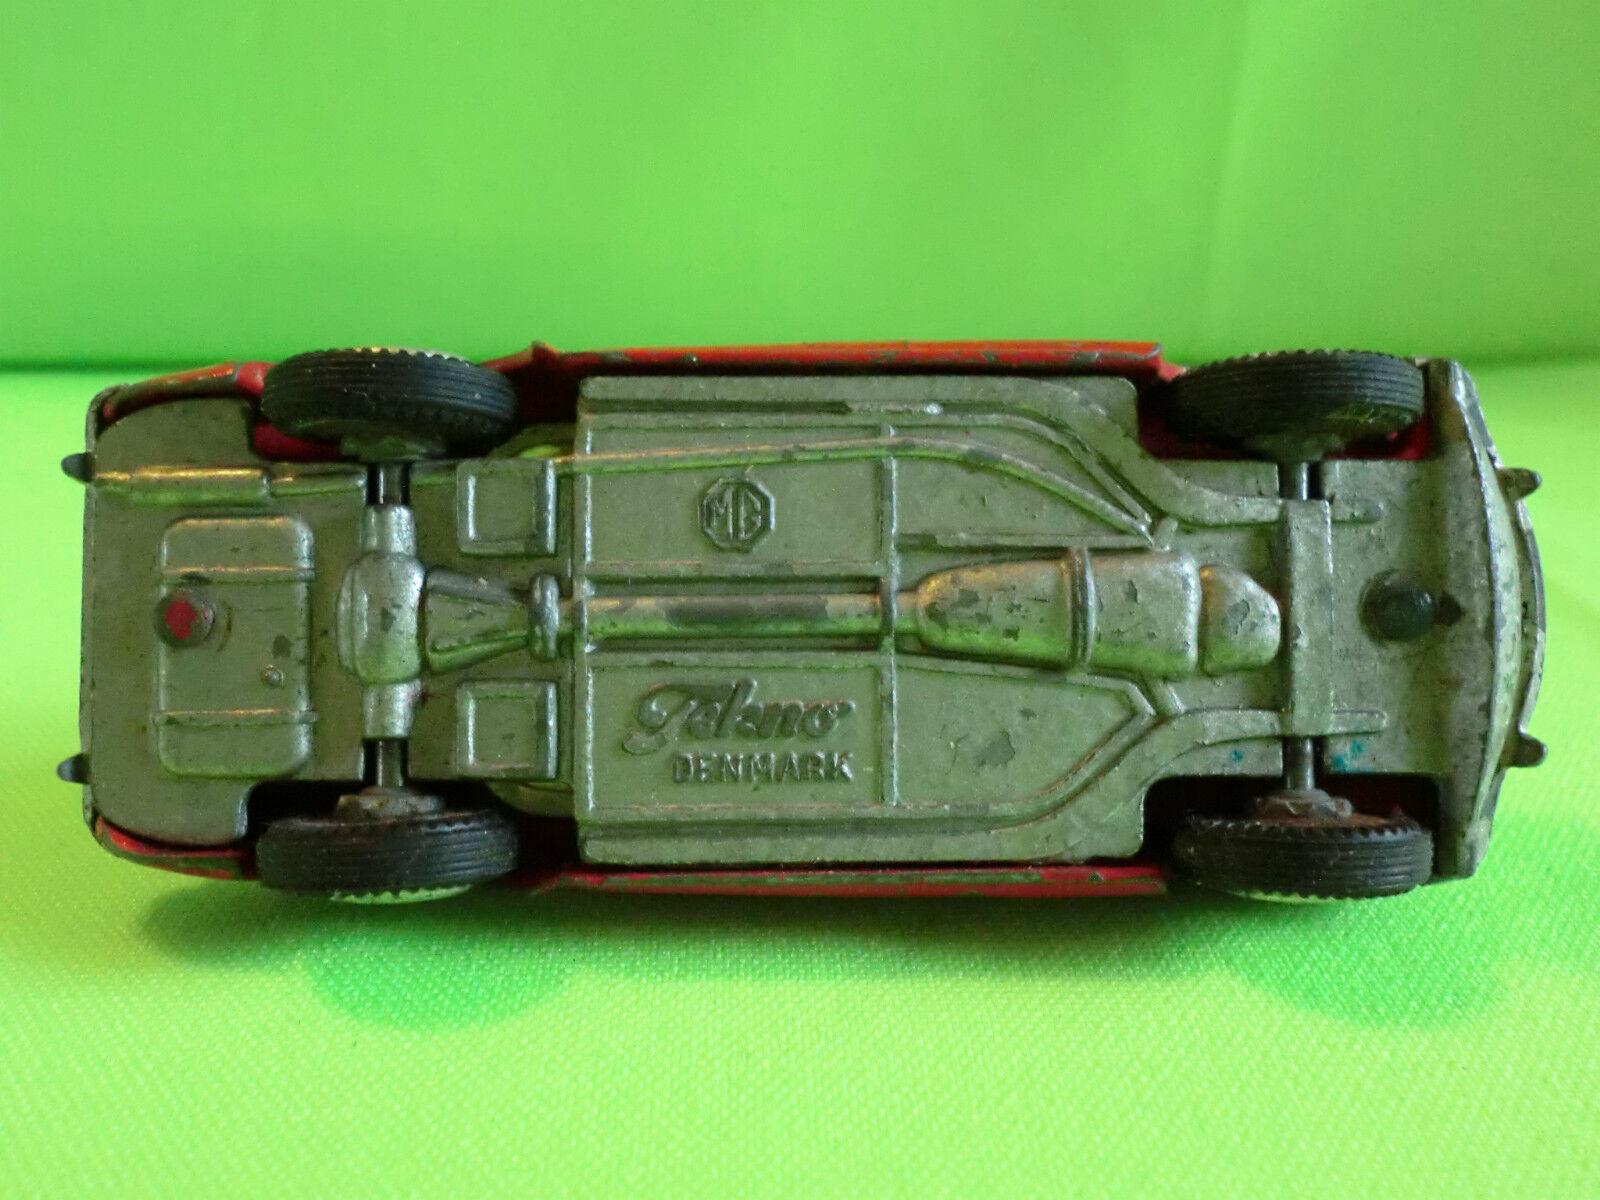 TEKNO TEKNO TEKNO DENMARK  MG  1 43     RARE SELTEN IN GOOD CONDITION 1c62a2